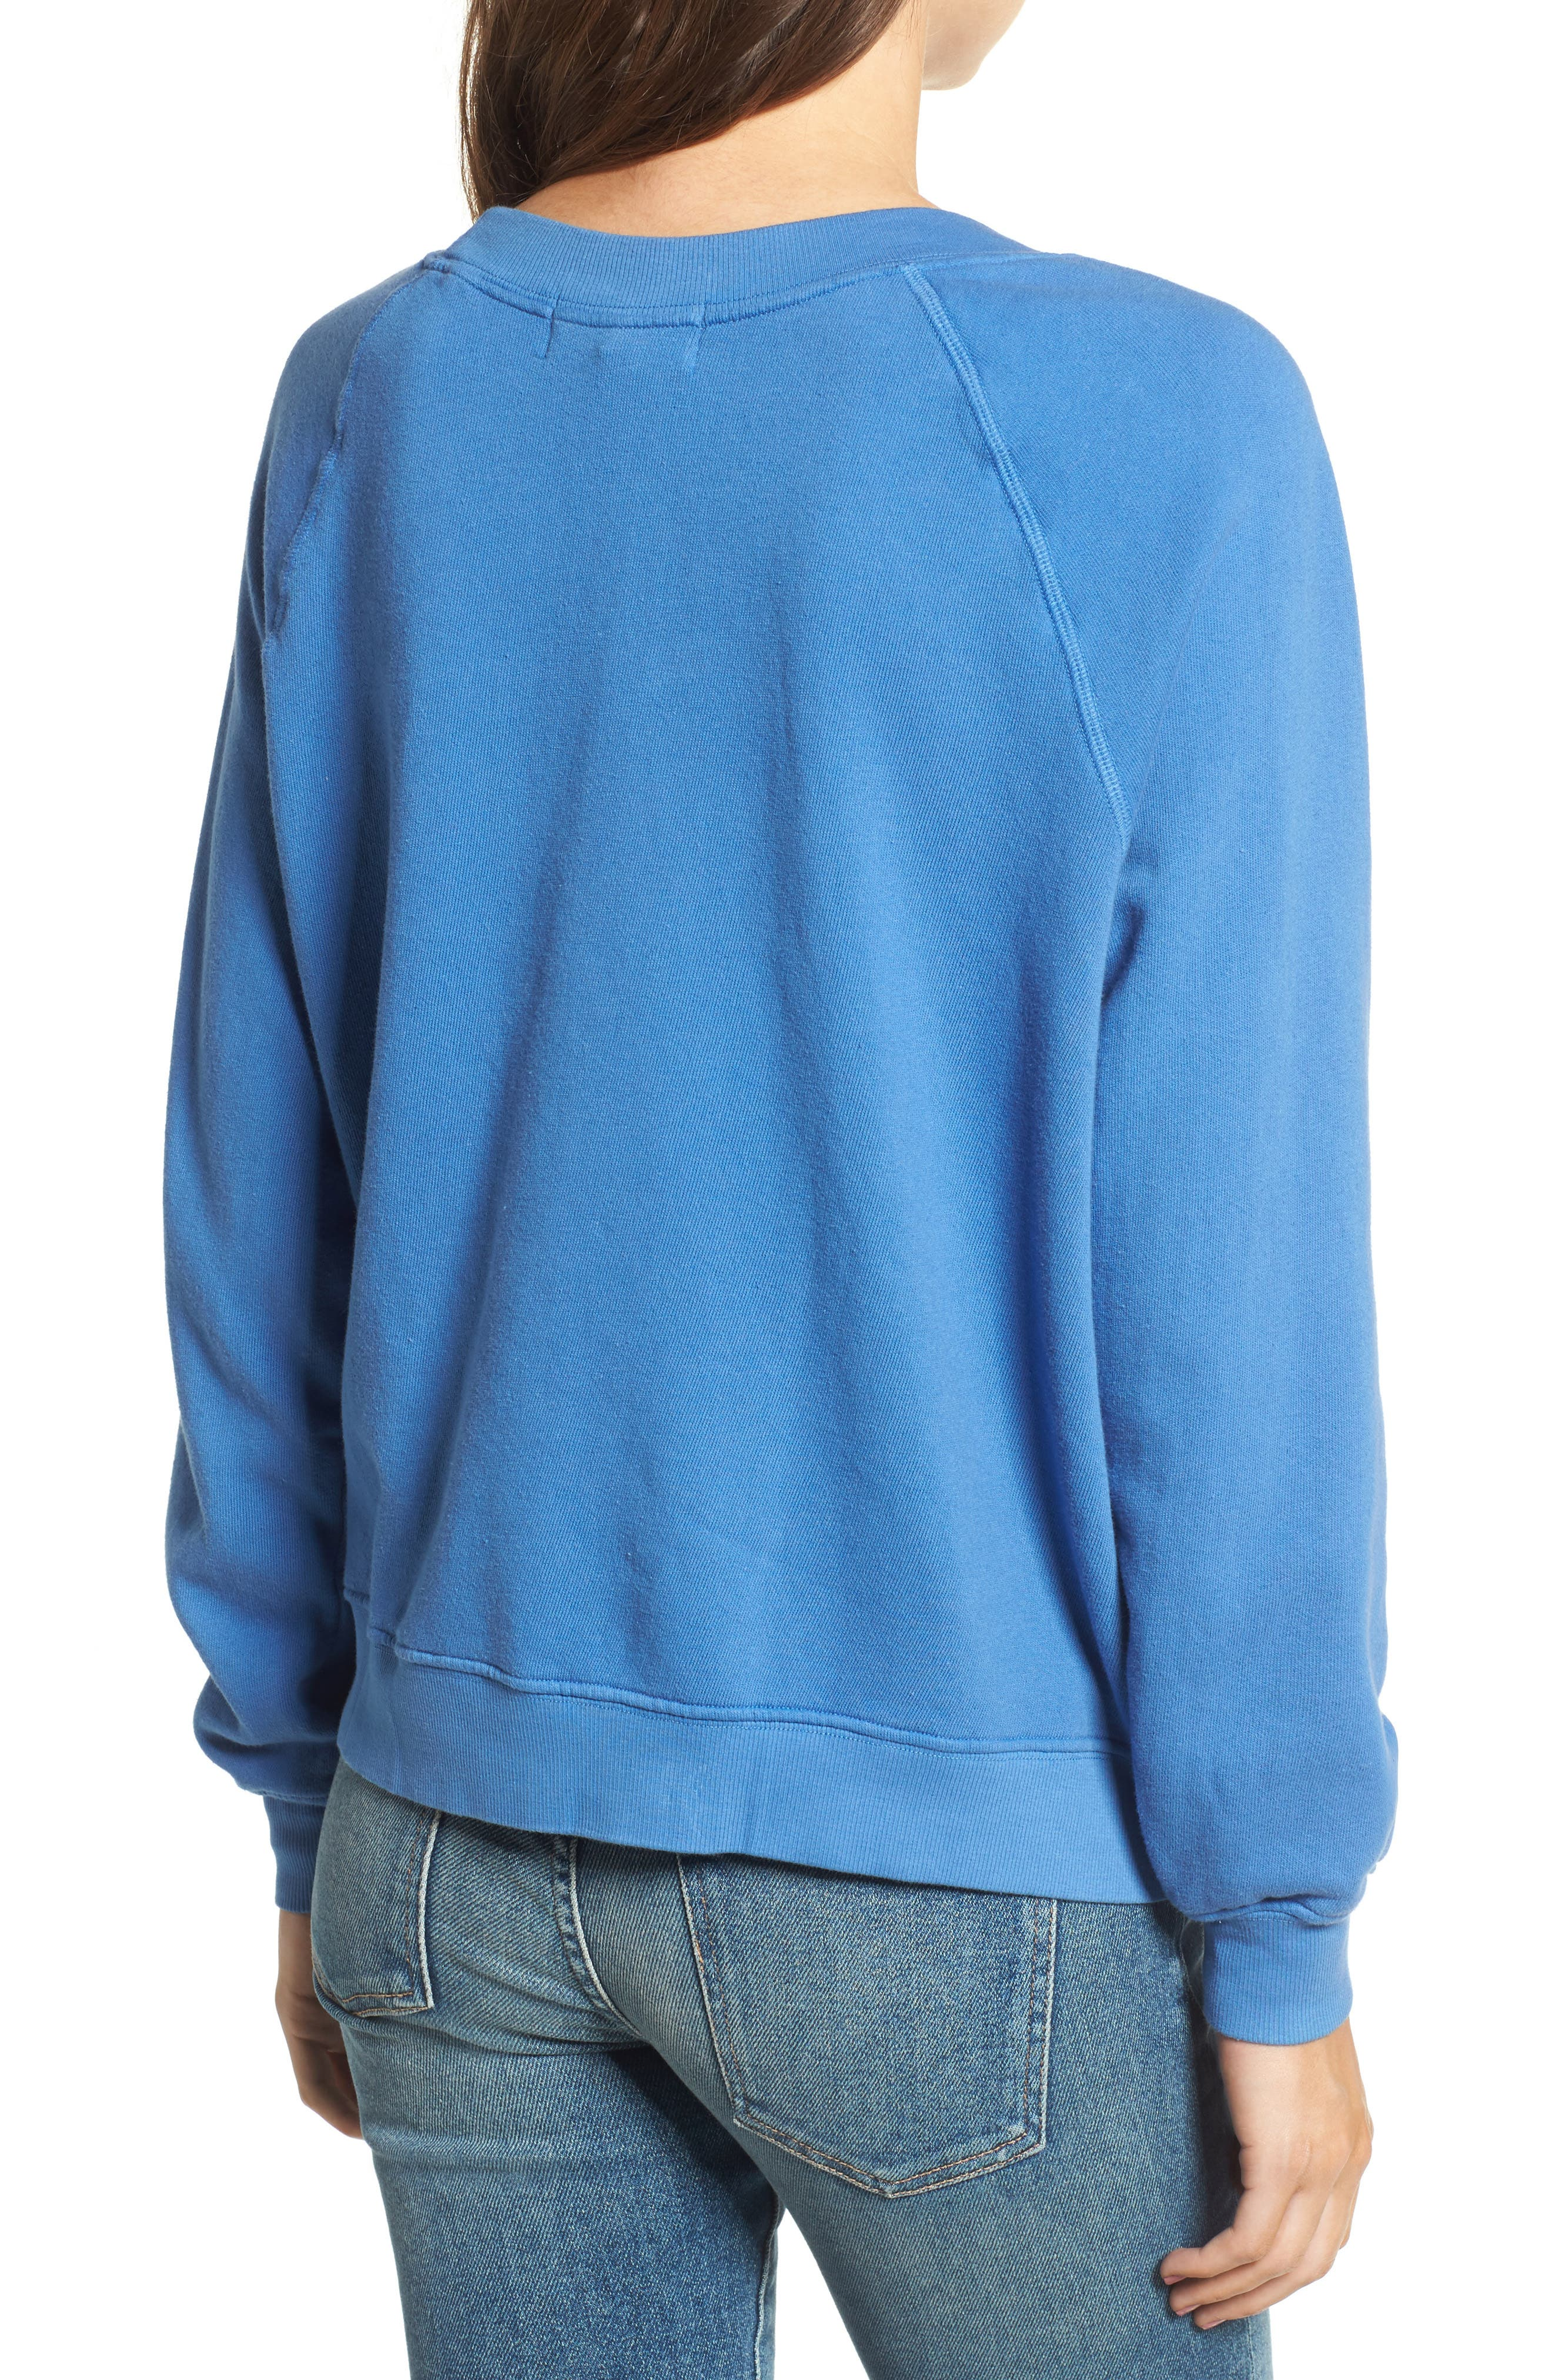 Naps & Snacks Sweatshirt,                             Alternate thumbnail 2, color,                             Portrait Blue